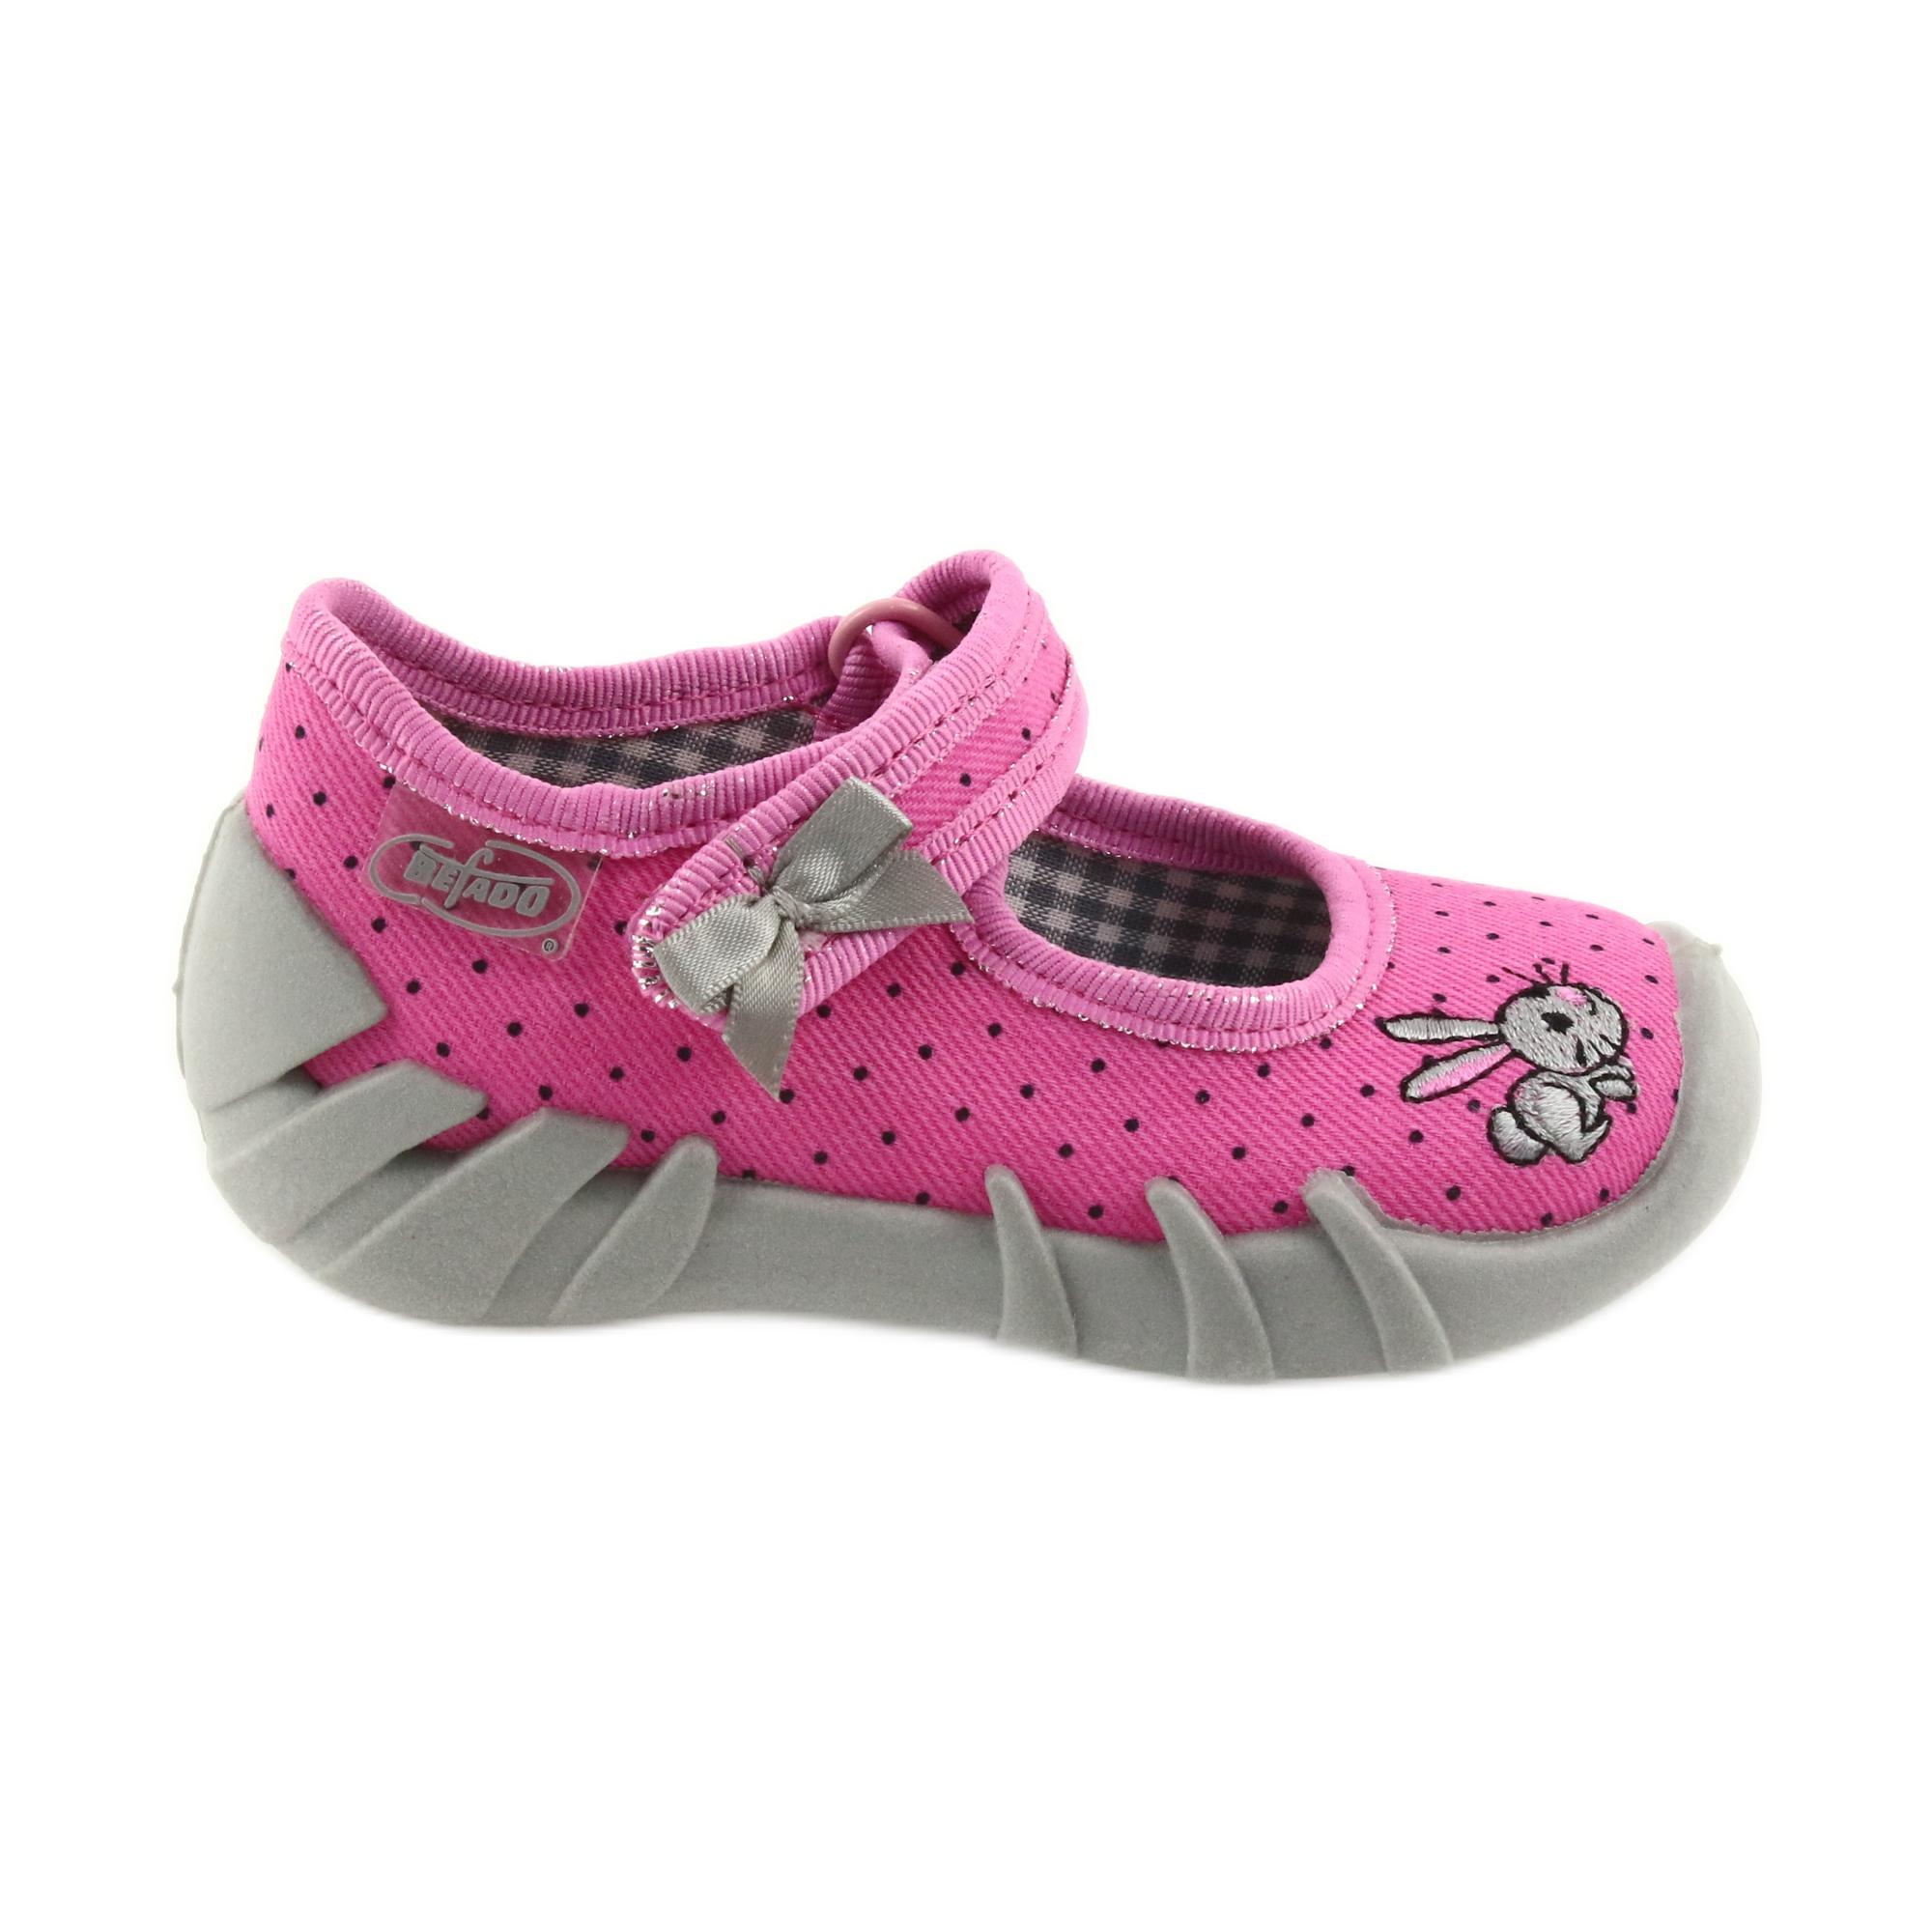 Pantofole da ballerina Befado per bambini 109P169 nero grigio rosa